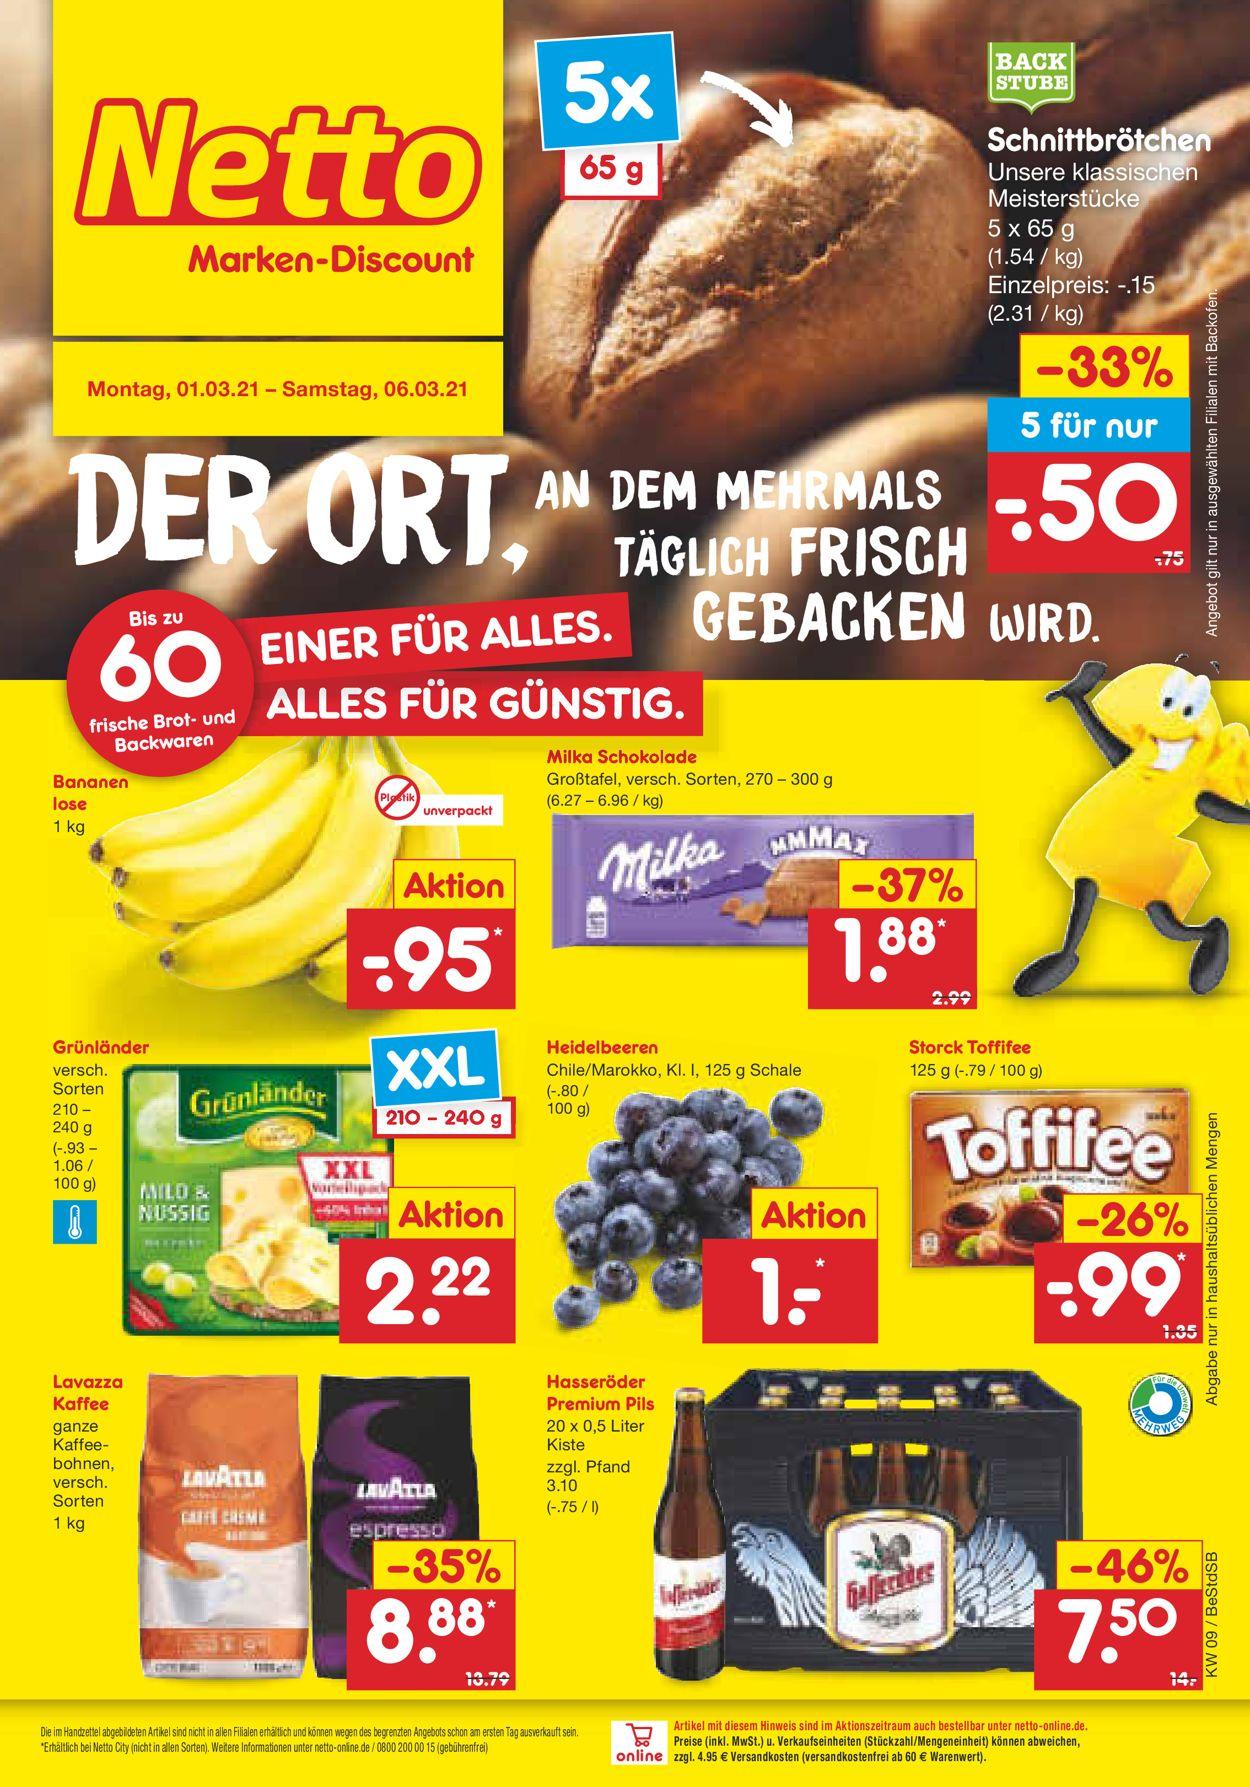 Netto Marken-Discount Prospekt - Aktuell vom 01.03-06.03.2021